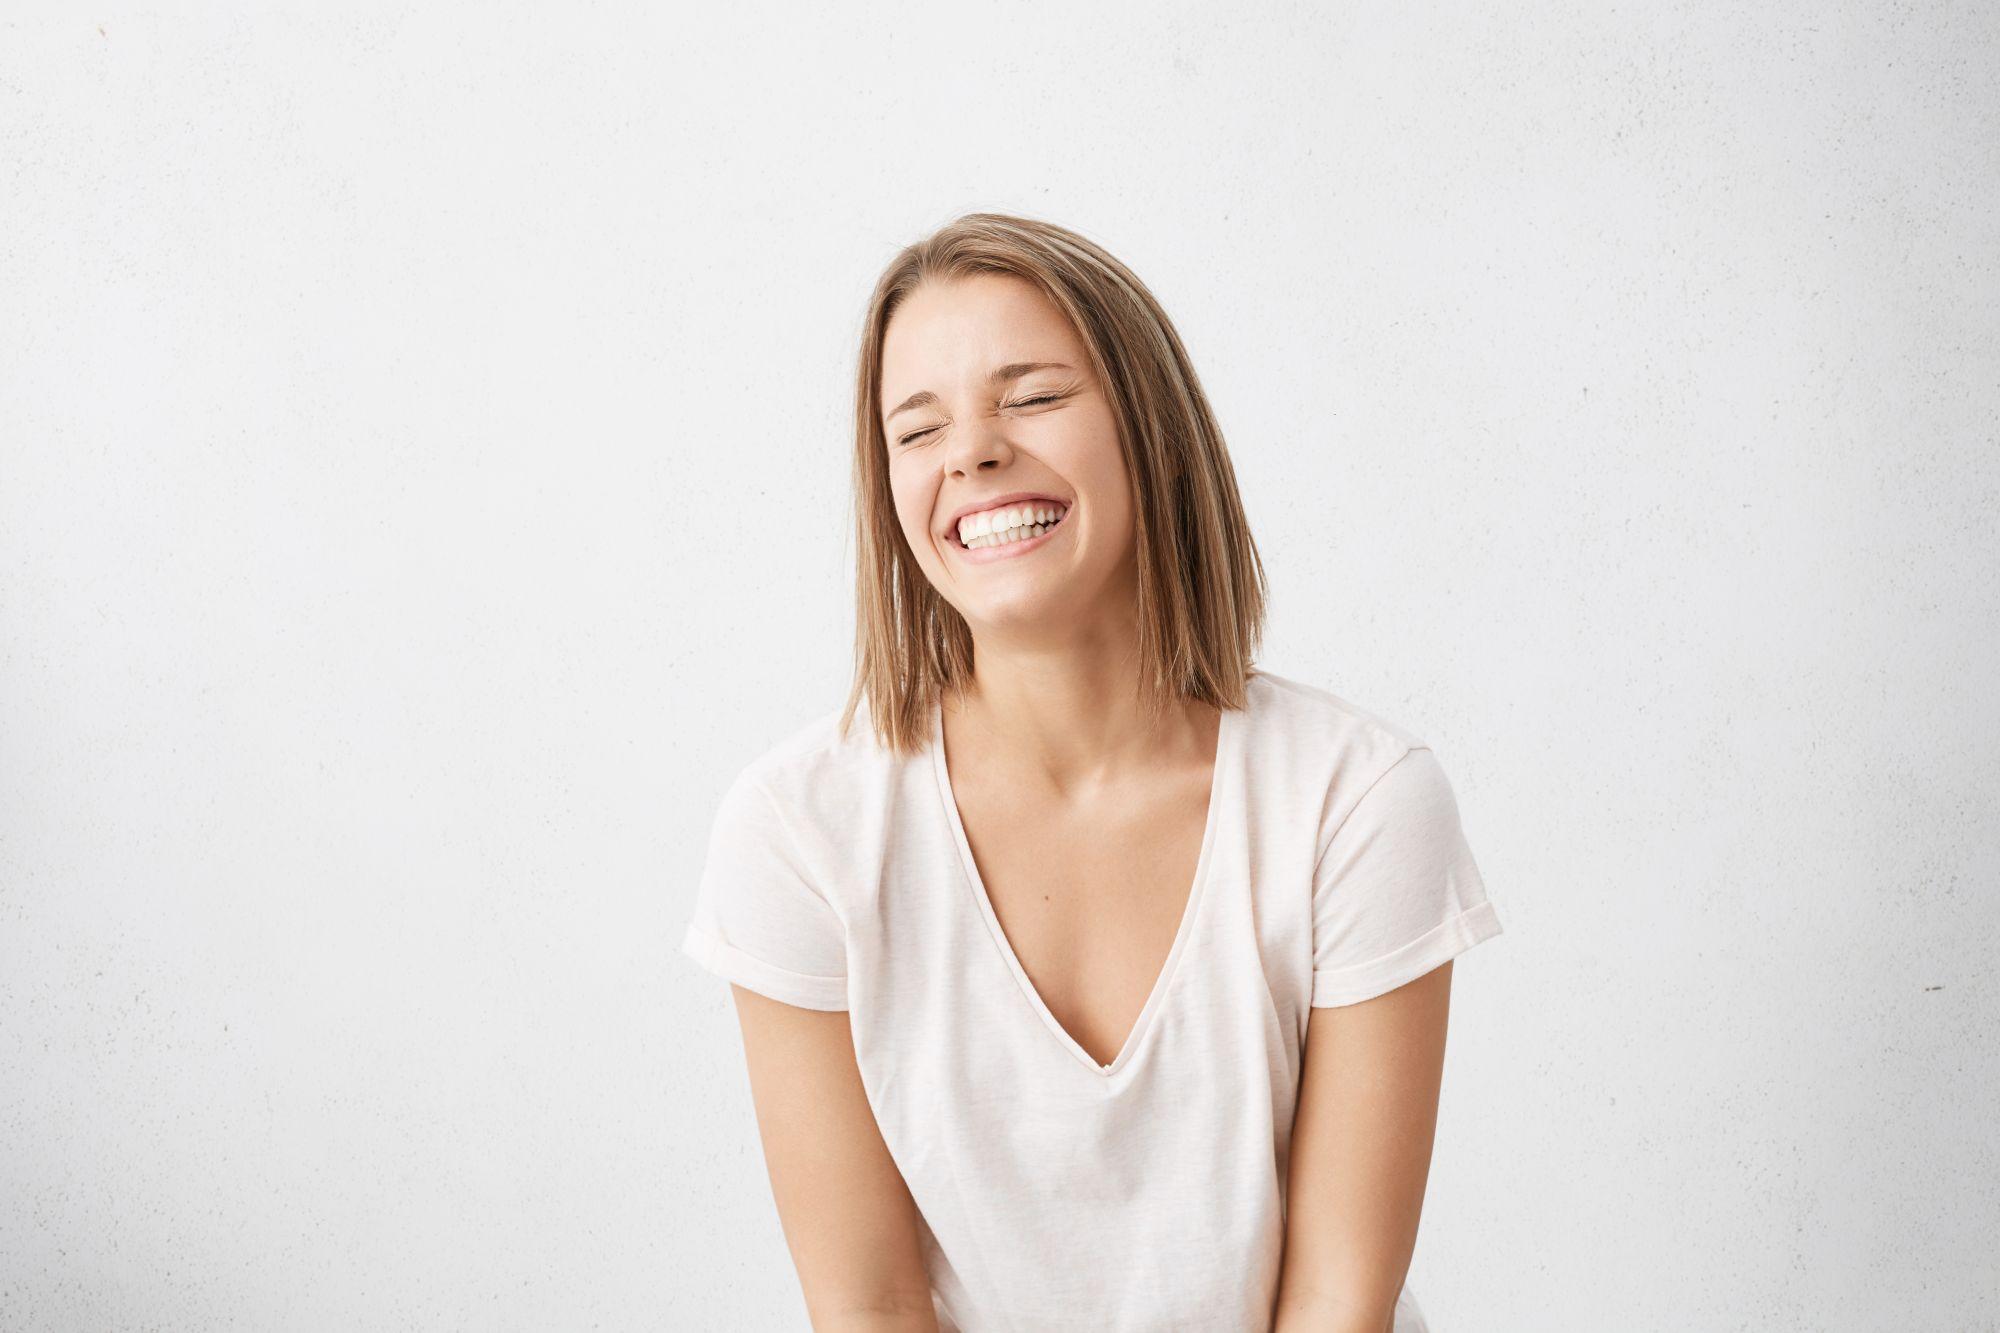 Vidám nő, aki Ultra Blanc fogkrémmel mosott fogat